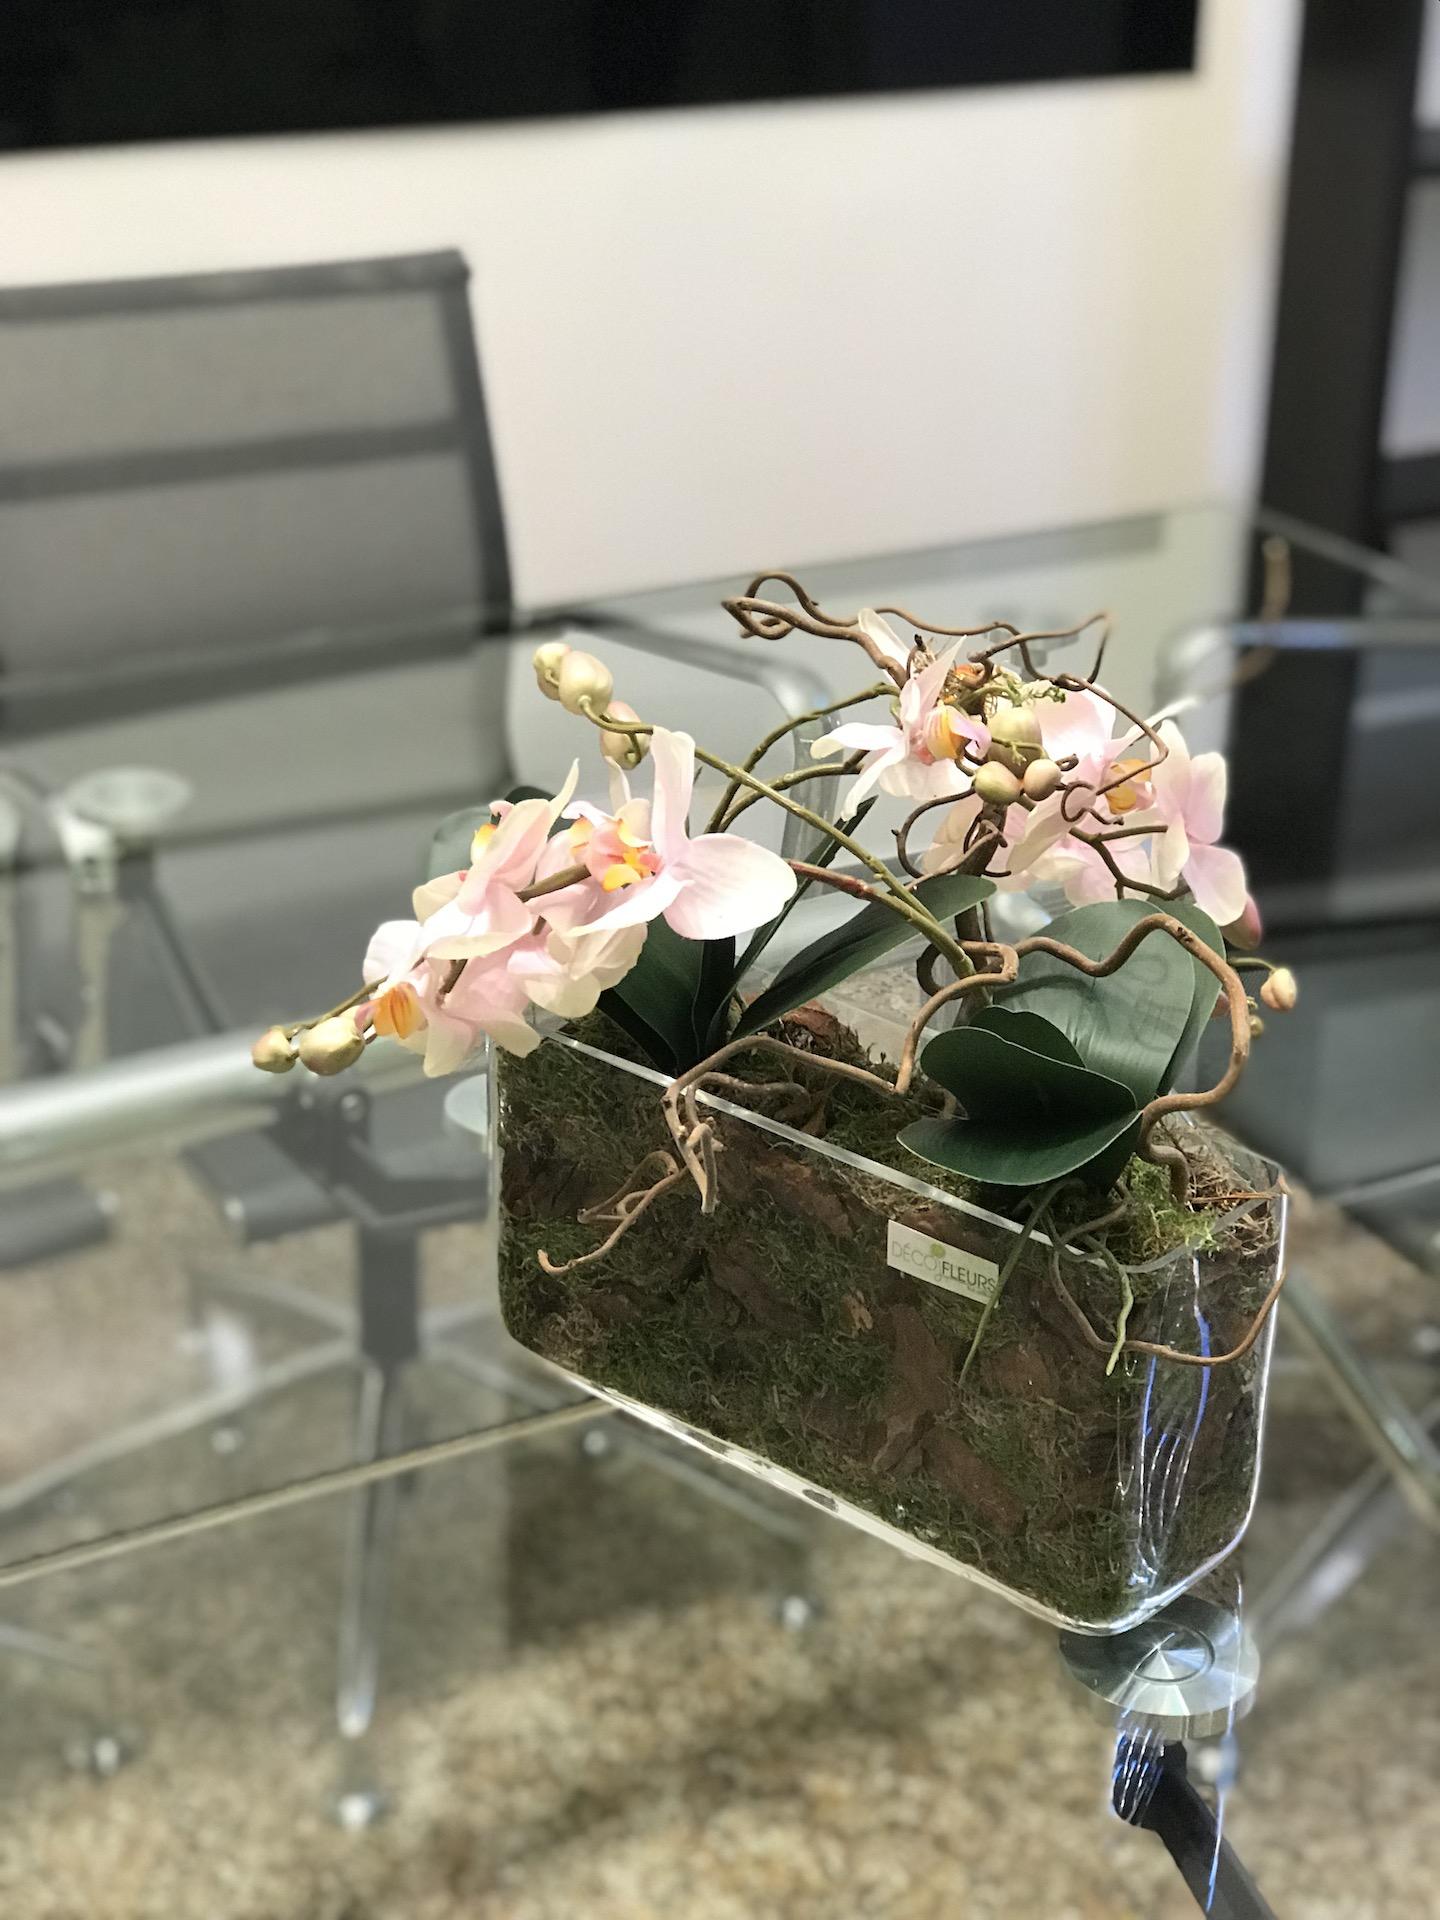 Ufficio_orchidea_Fiori_artificiali_Deco_fleurs